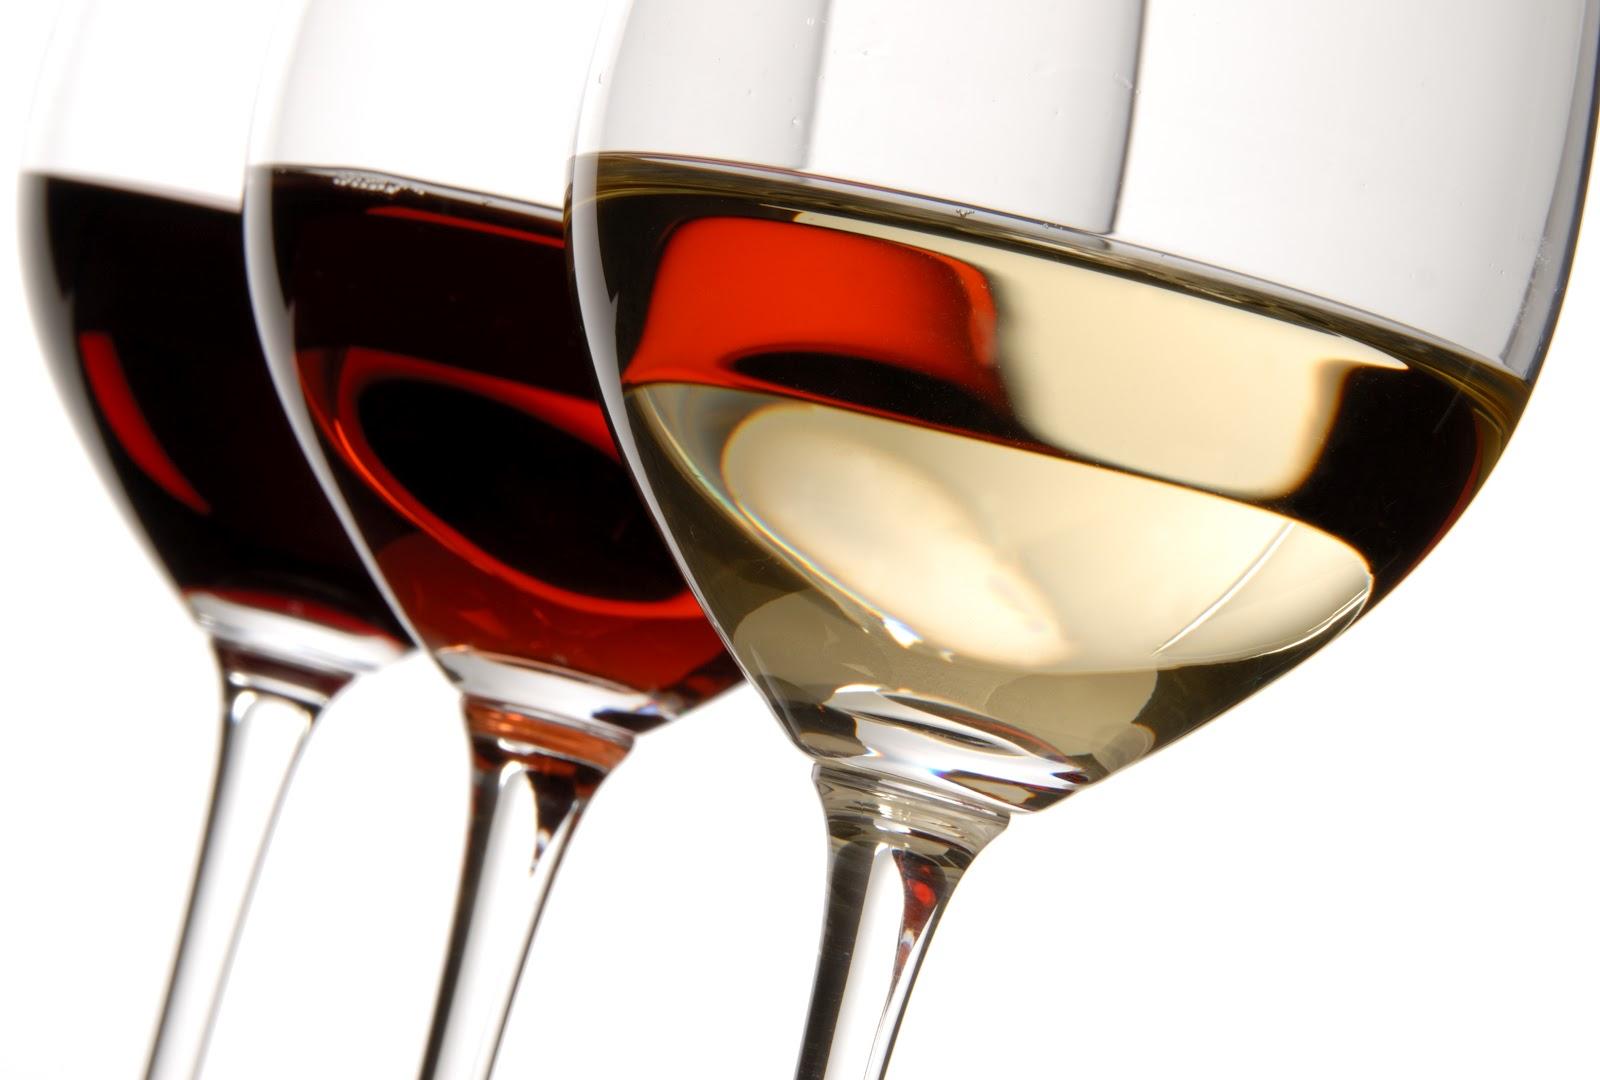 Rutas del vino en España